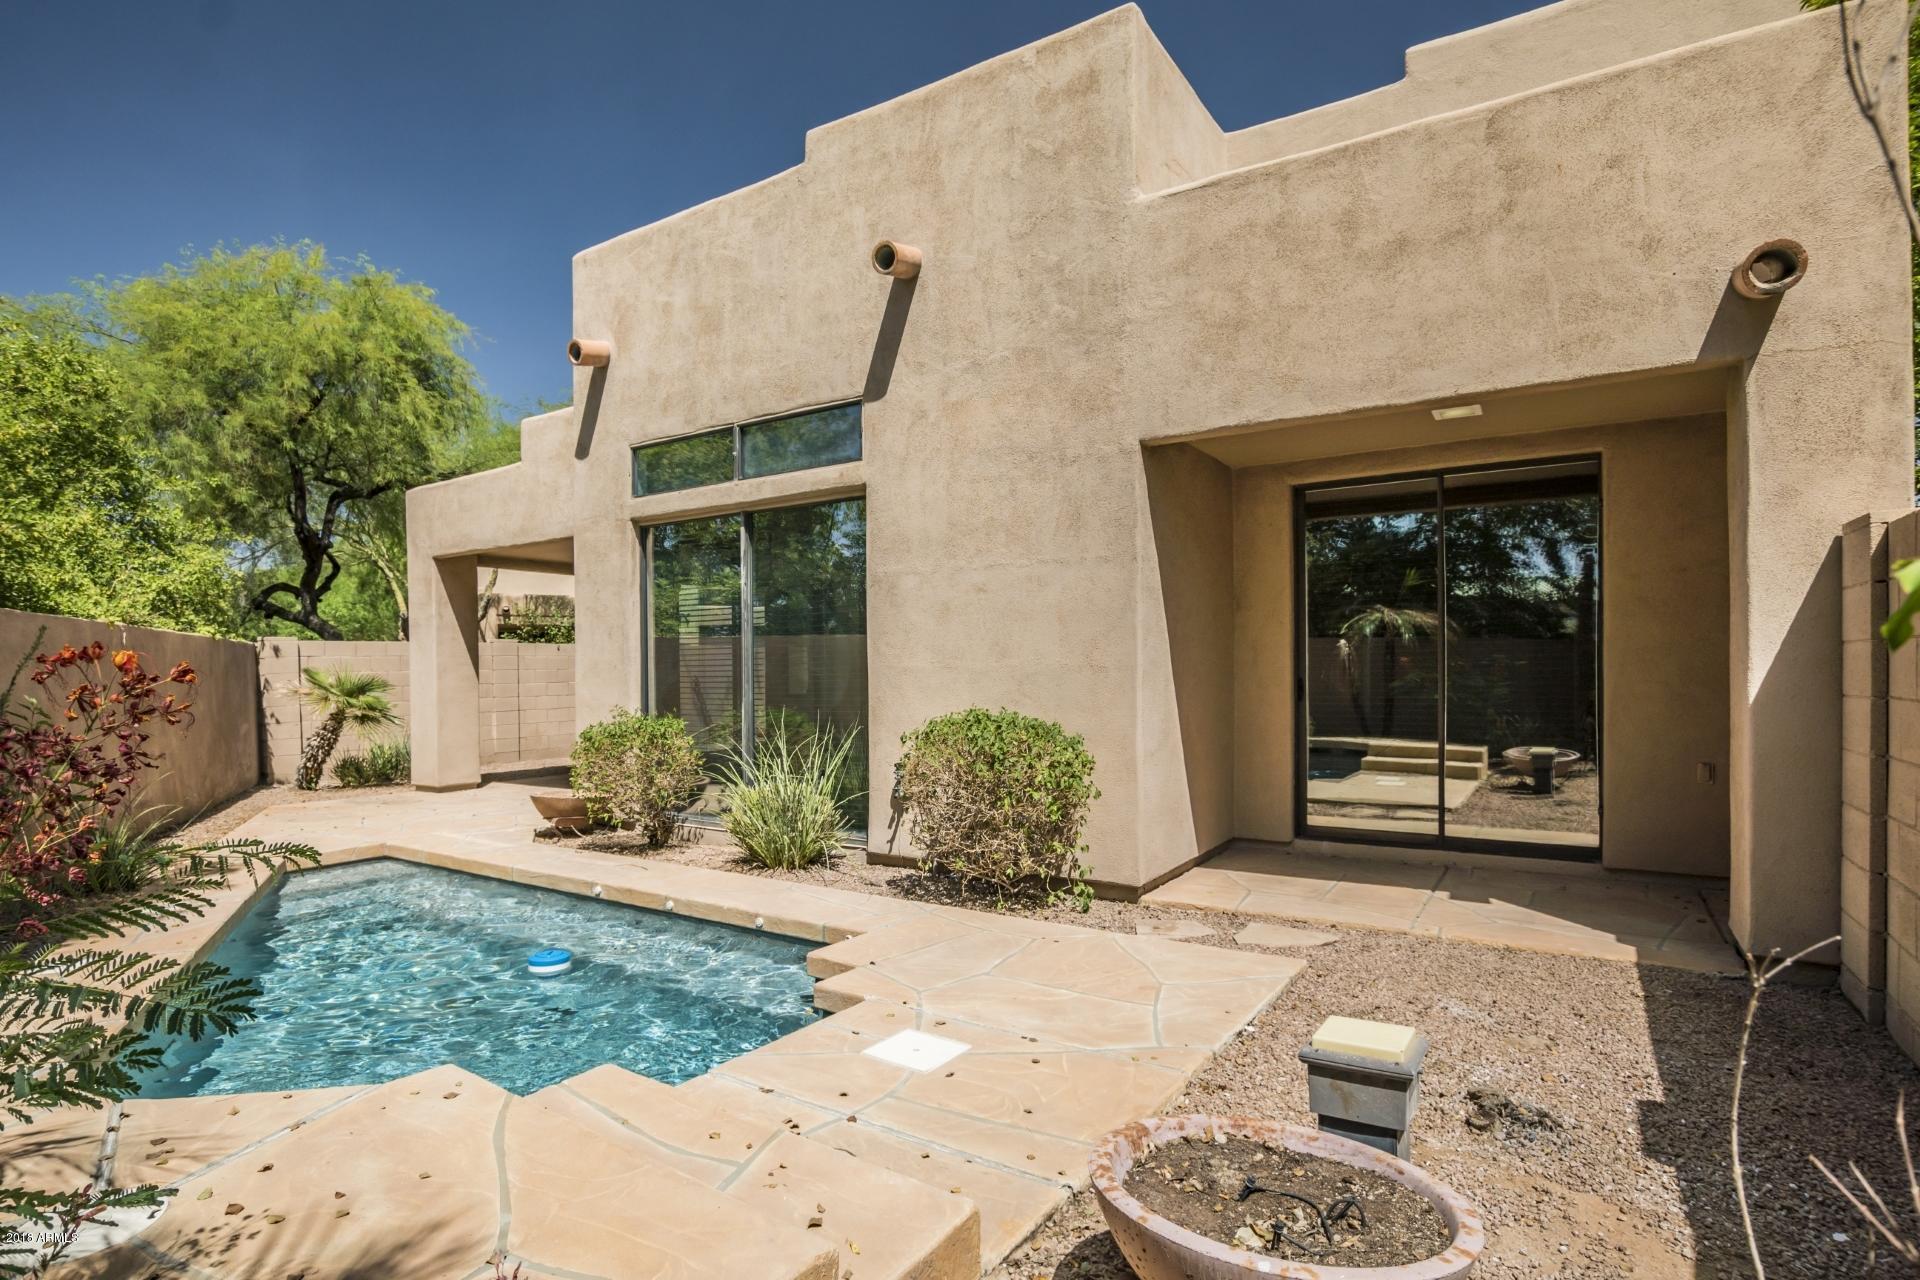 MLS 5818652 6982 N 83RD Street, Scottsdale, AZ 85250 Scottsdale AZ Gated